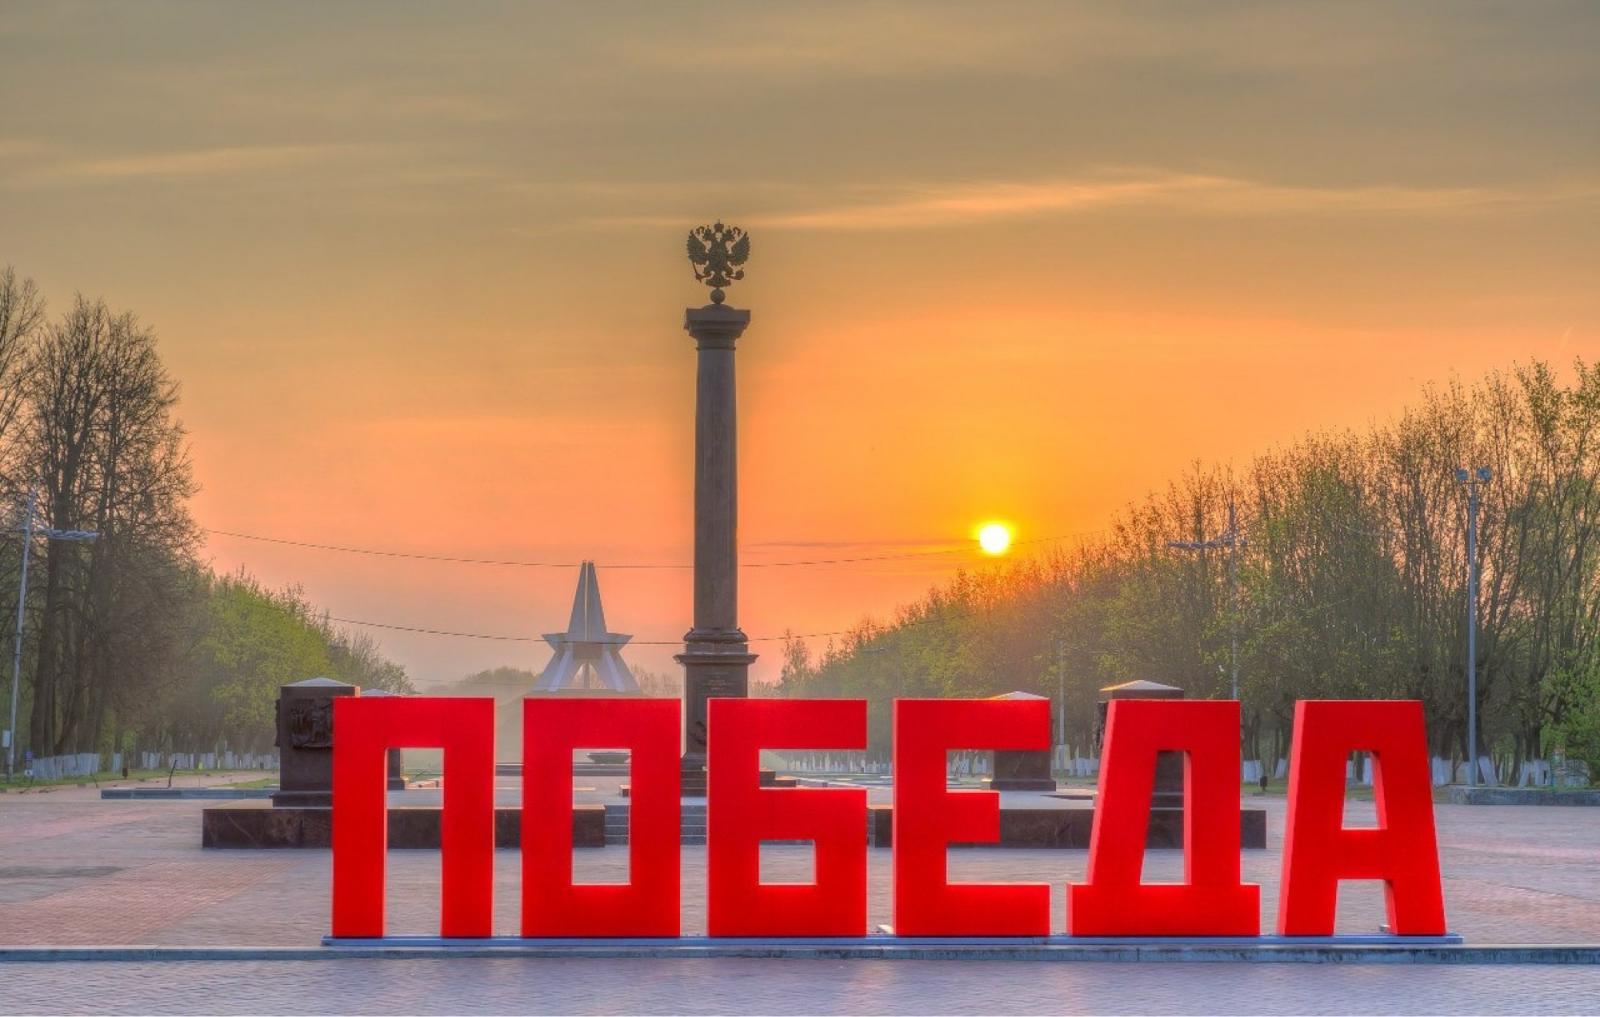 Брянск стал третьим по популярности в рейтинге городов воинской славы